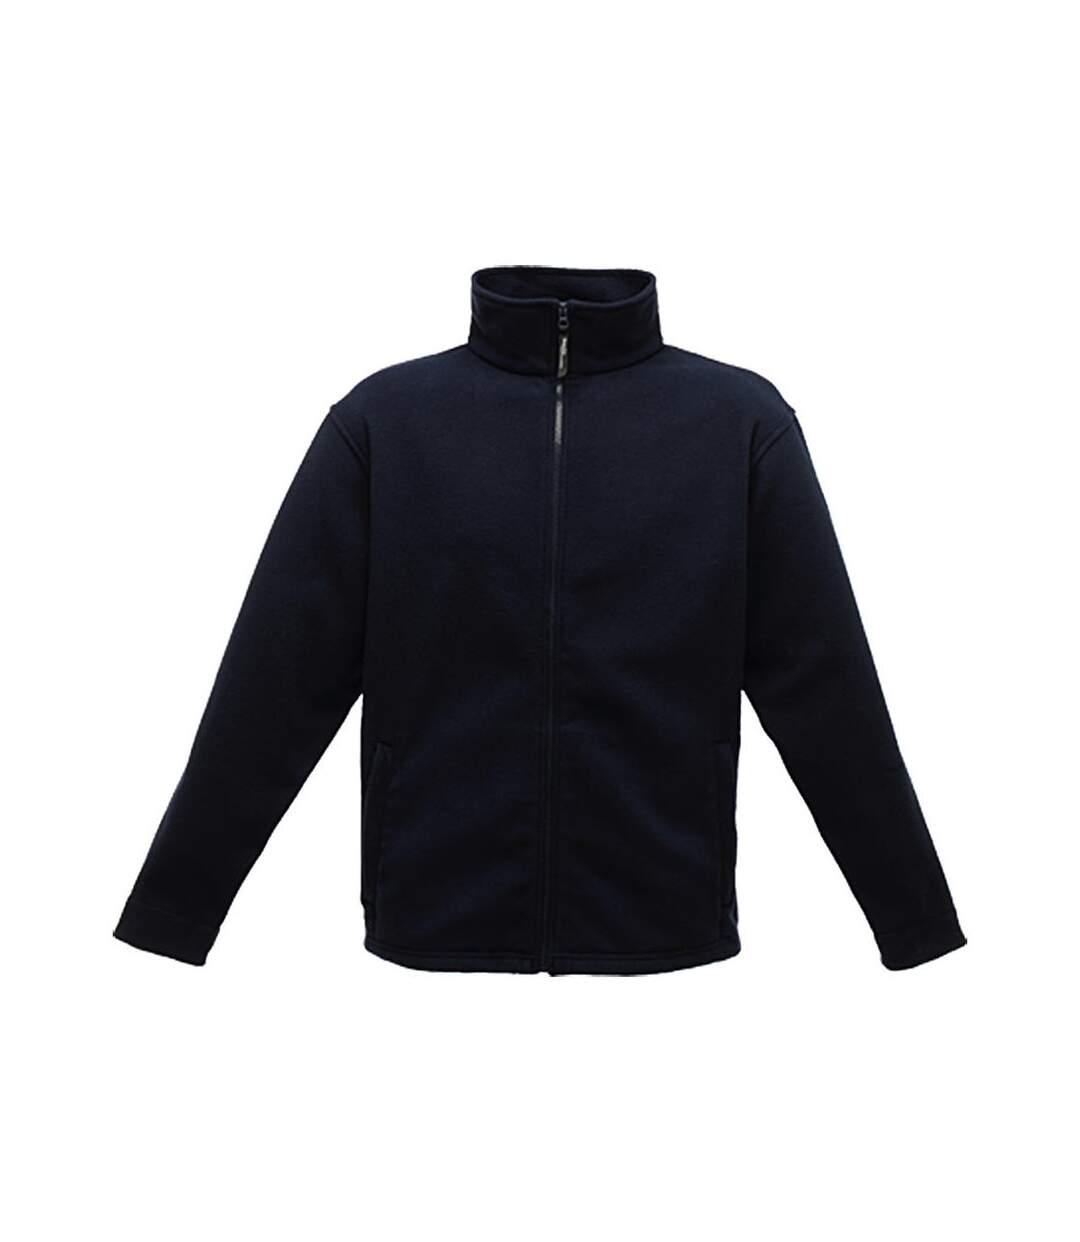 Regatta Mens Thor 350 Full Zip Fleece Jacket (Navy) - UTRG1534